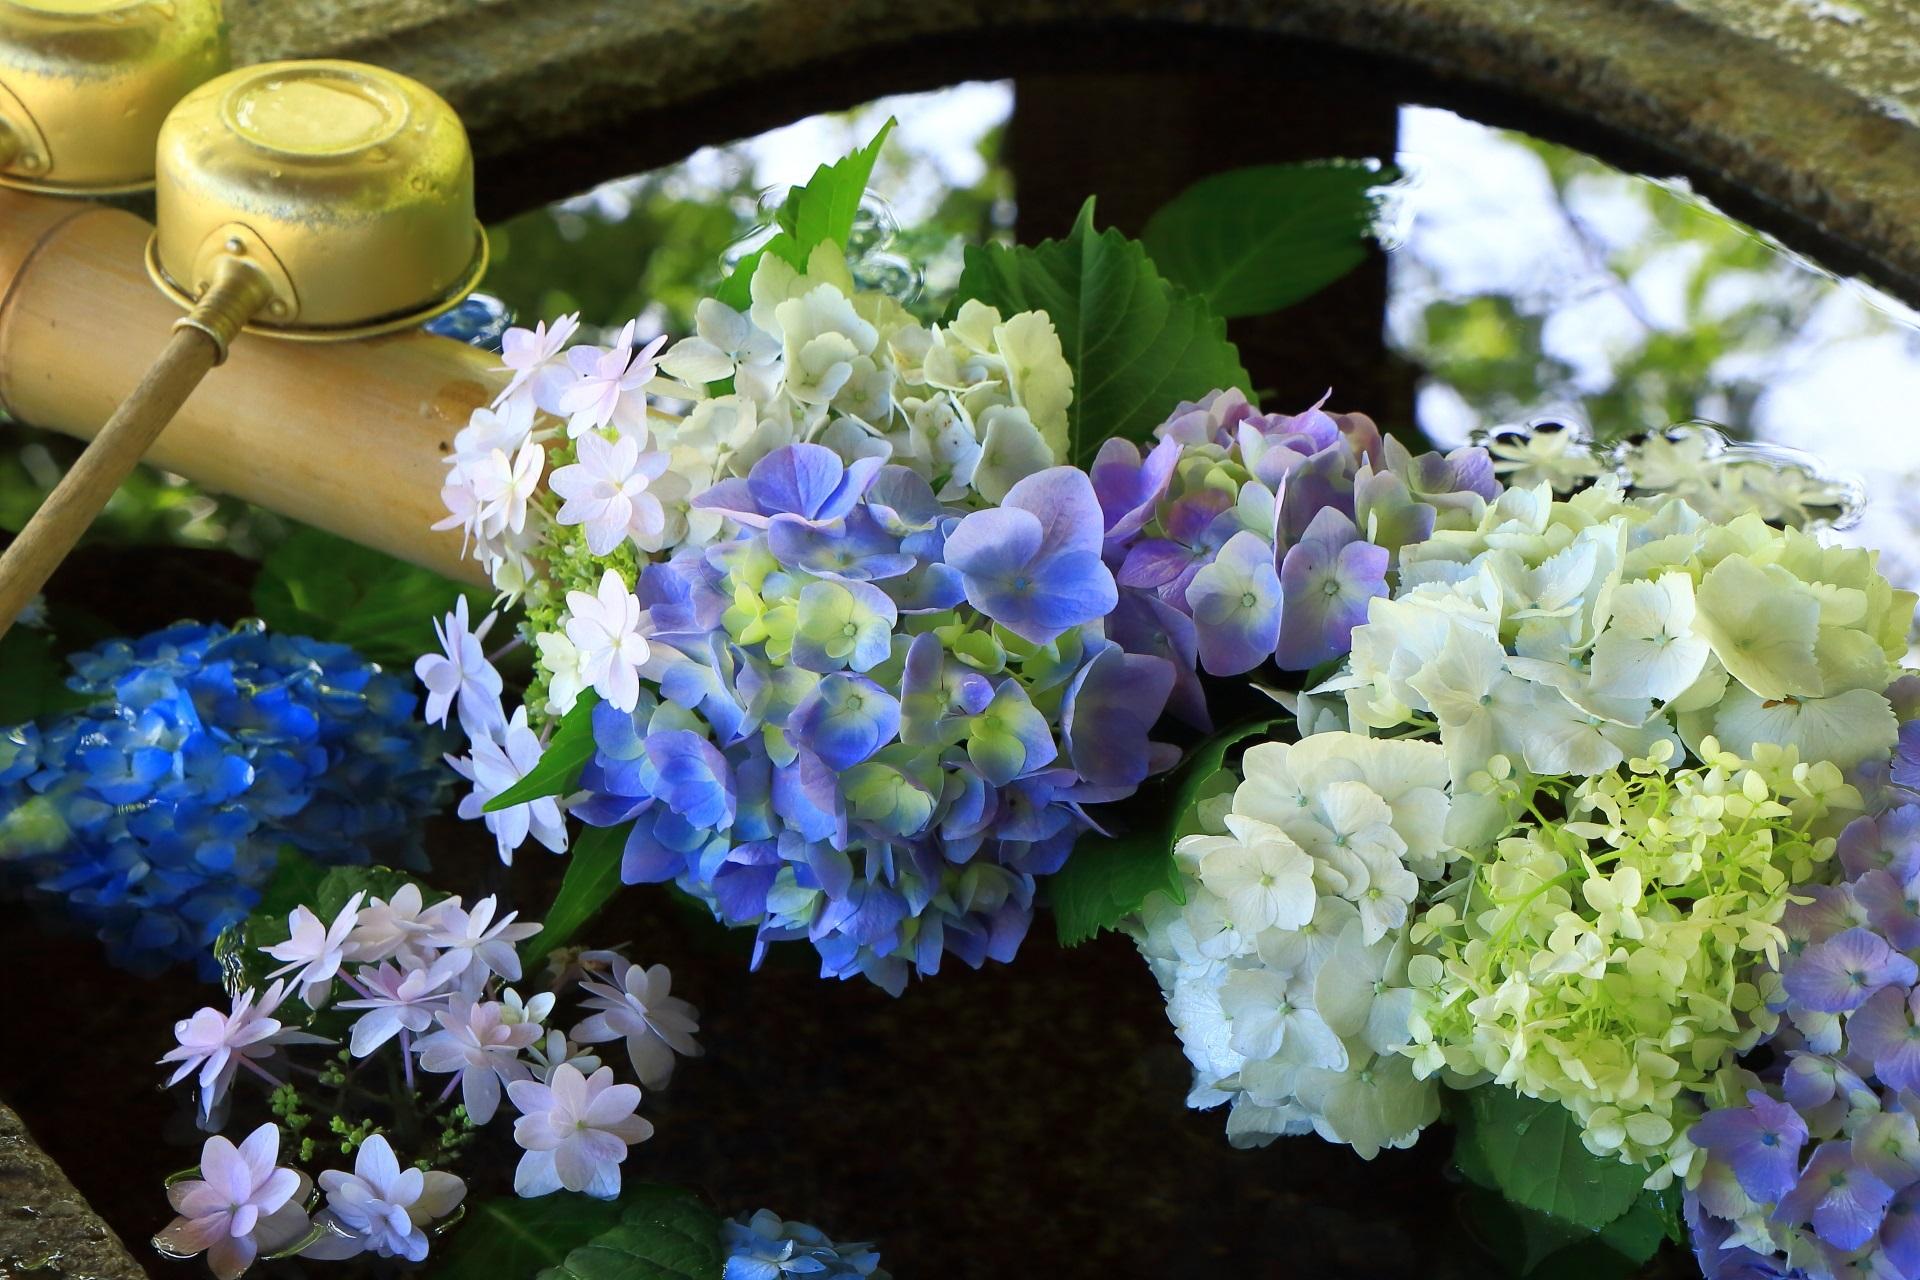 多種多様な紫陽花が添えられた真如堂の紫陽花の手水舎